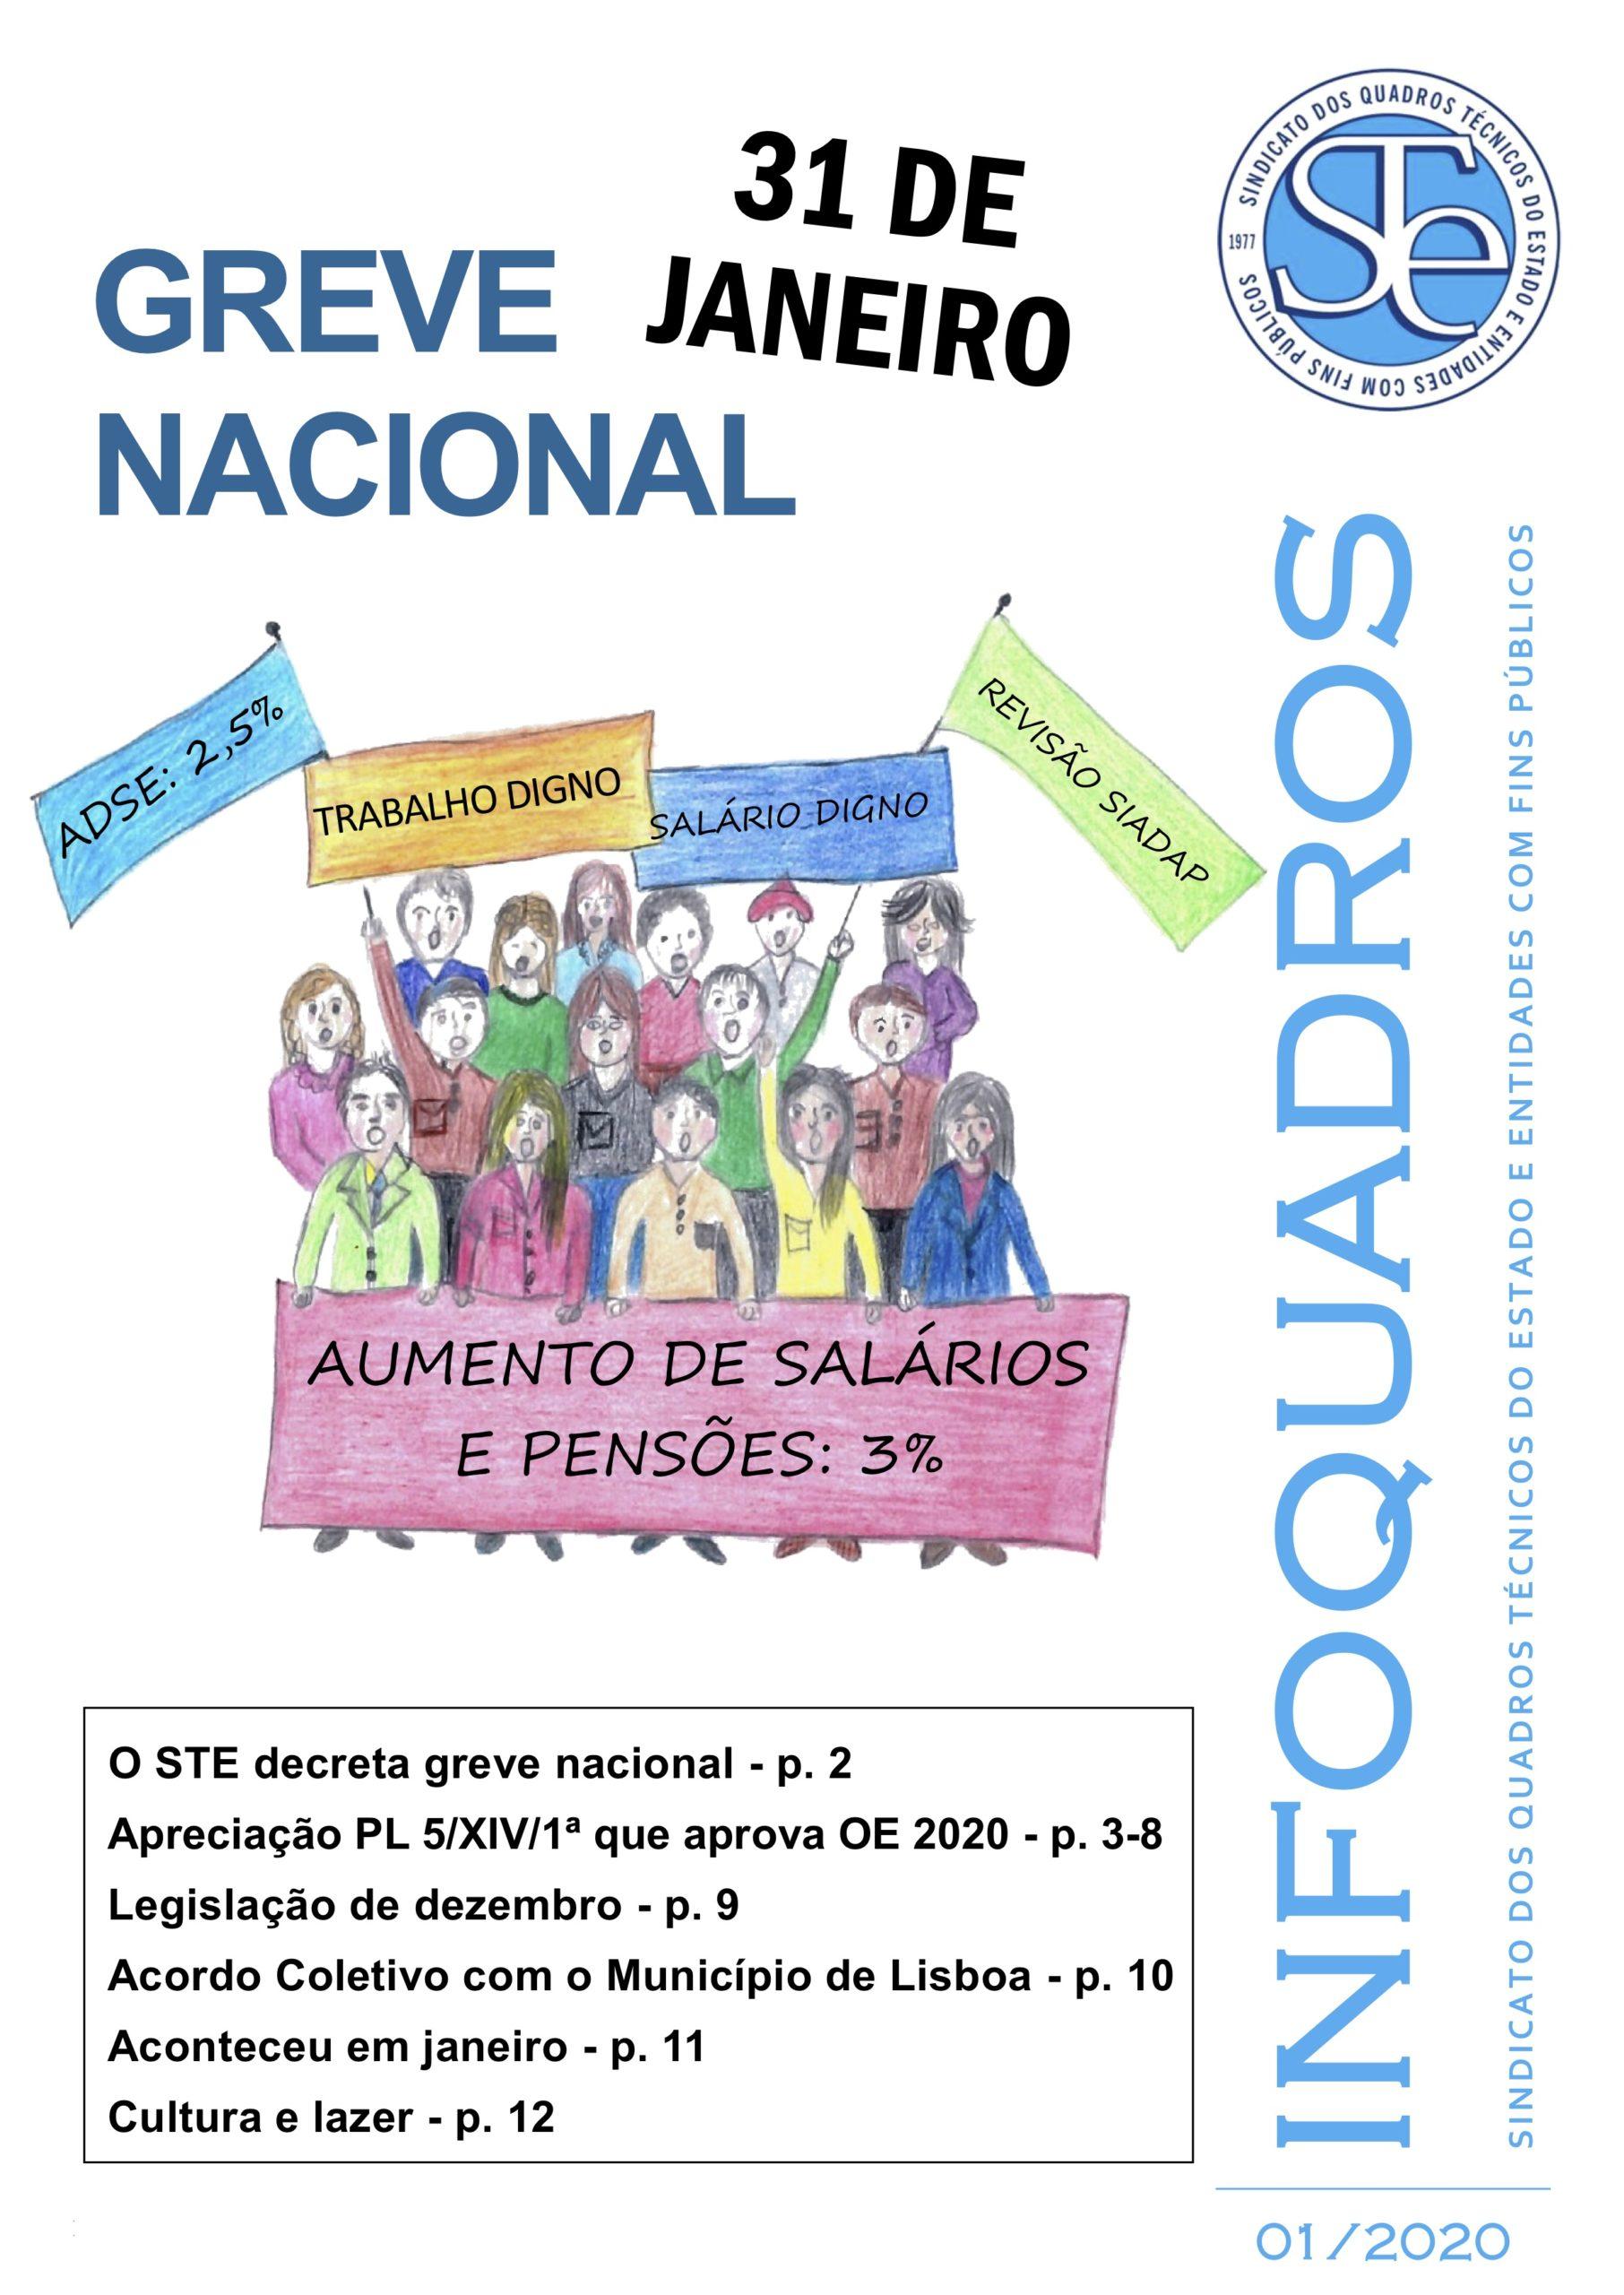 InfoQuadros Janeiro 2020